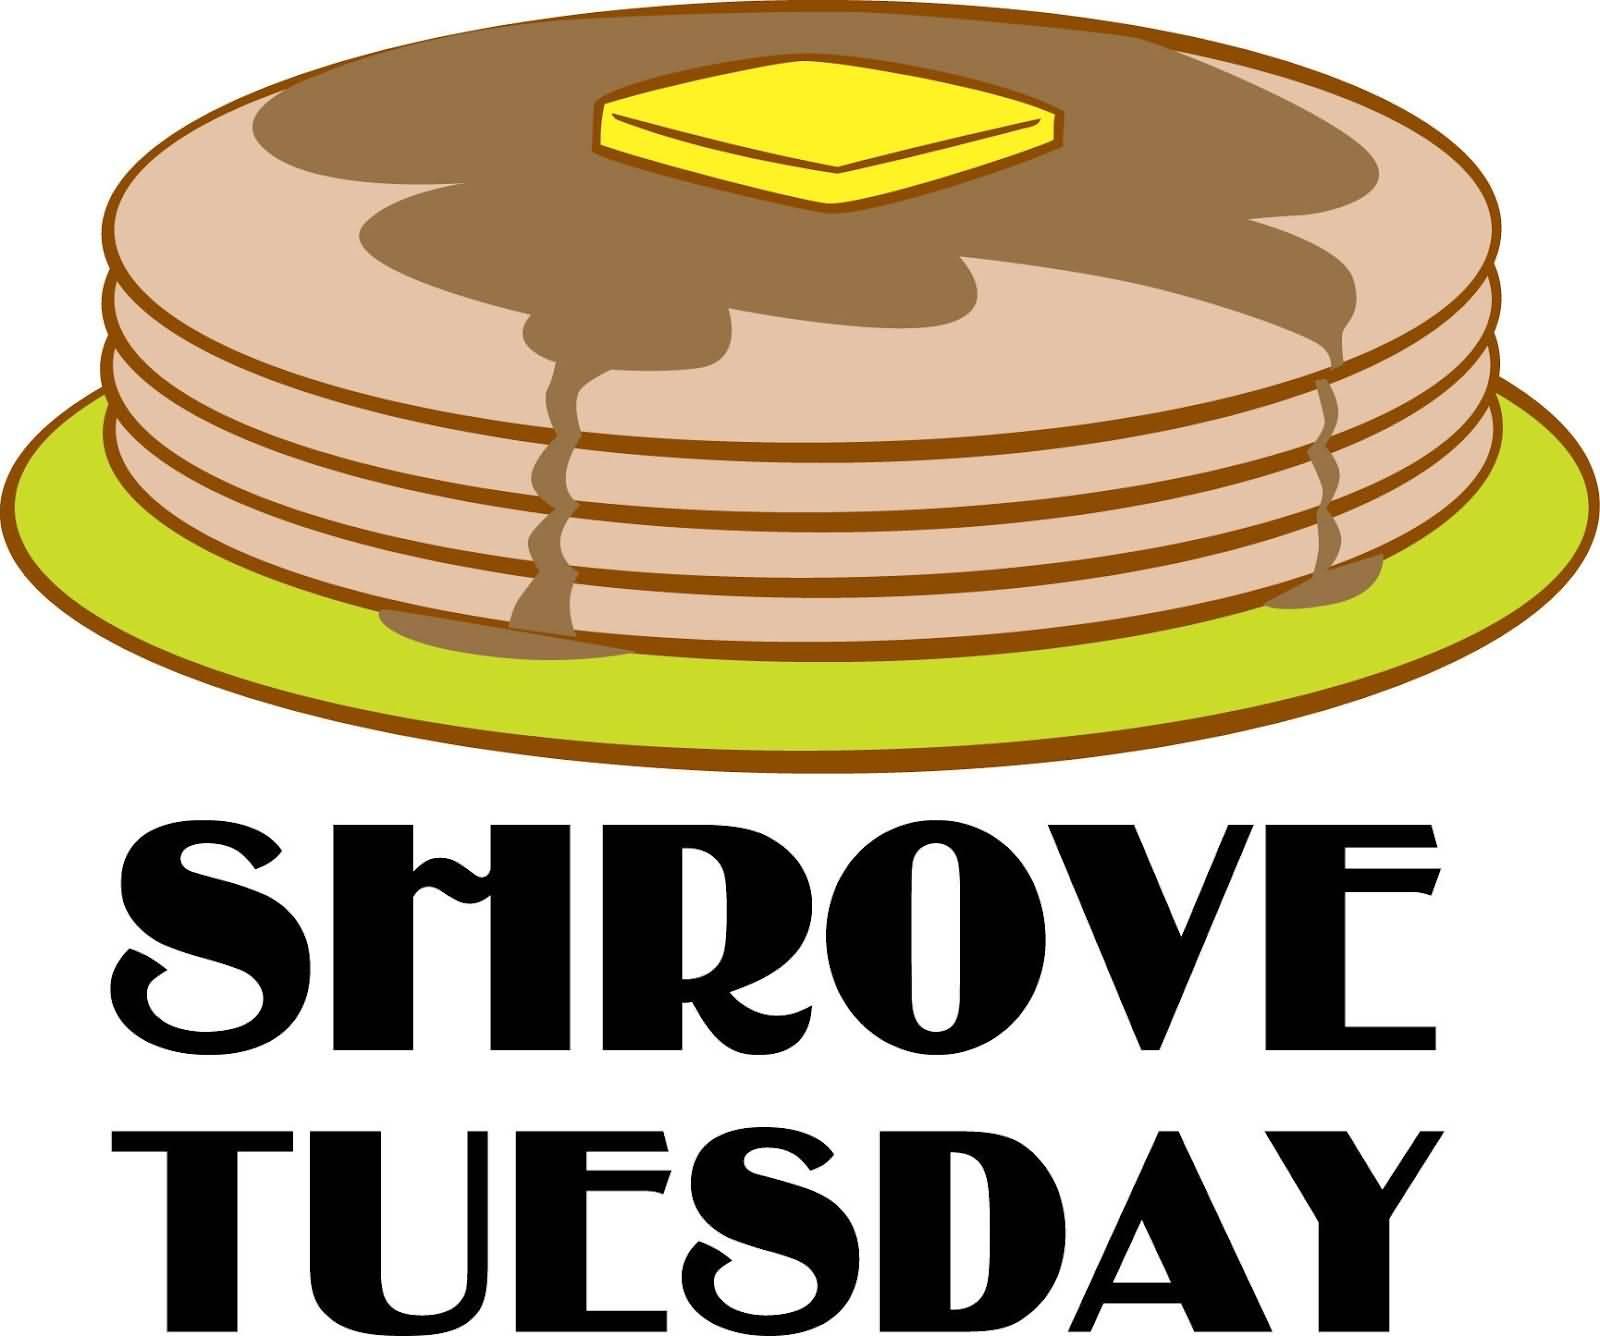 1600x1336 Shrove Tuesday Pancake Clipart